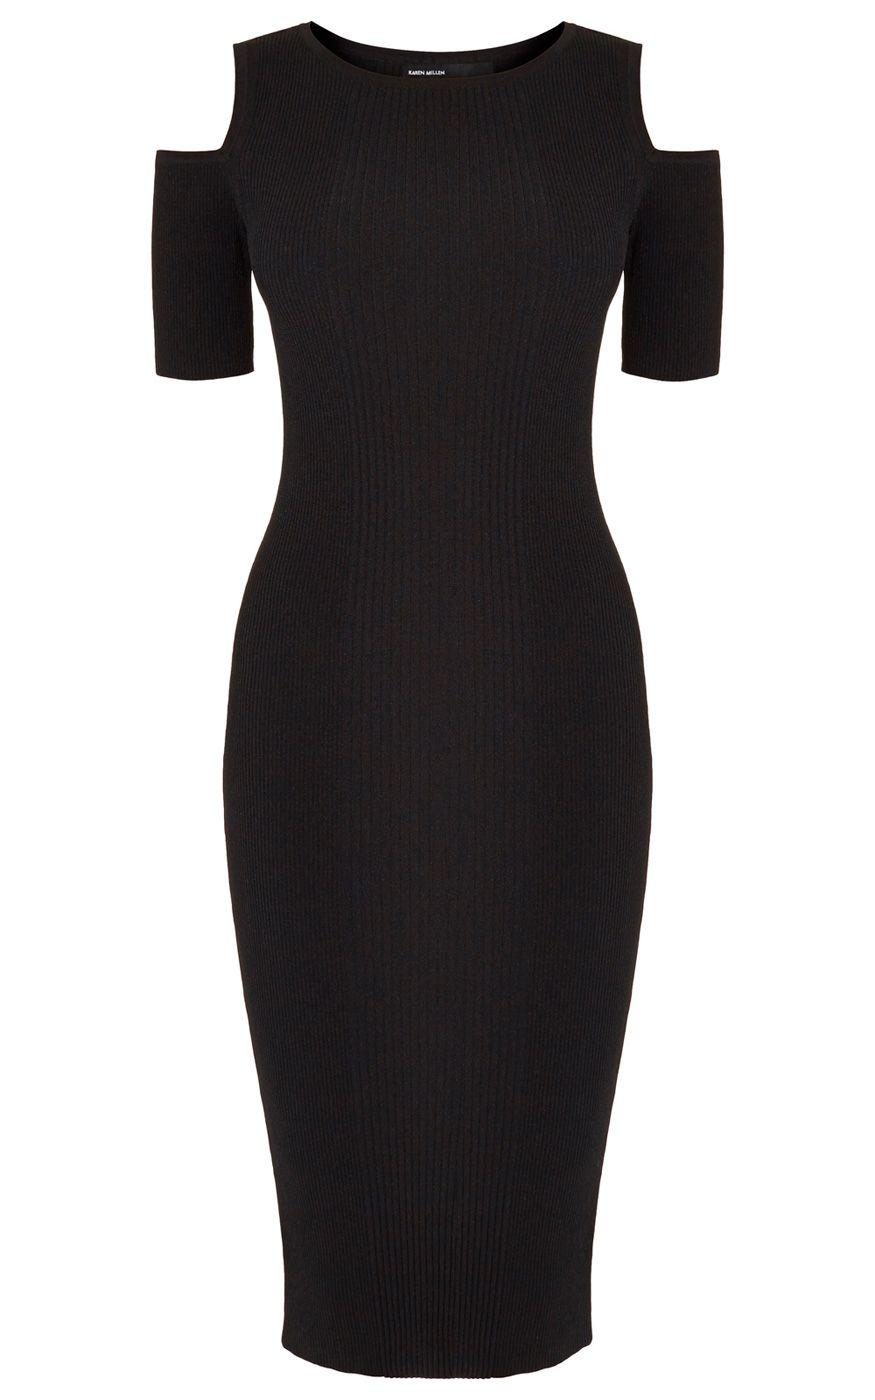 Black dress karen millen - Ribbed Knitted Dress Karen Millen Ky151